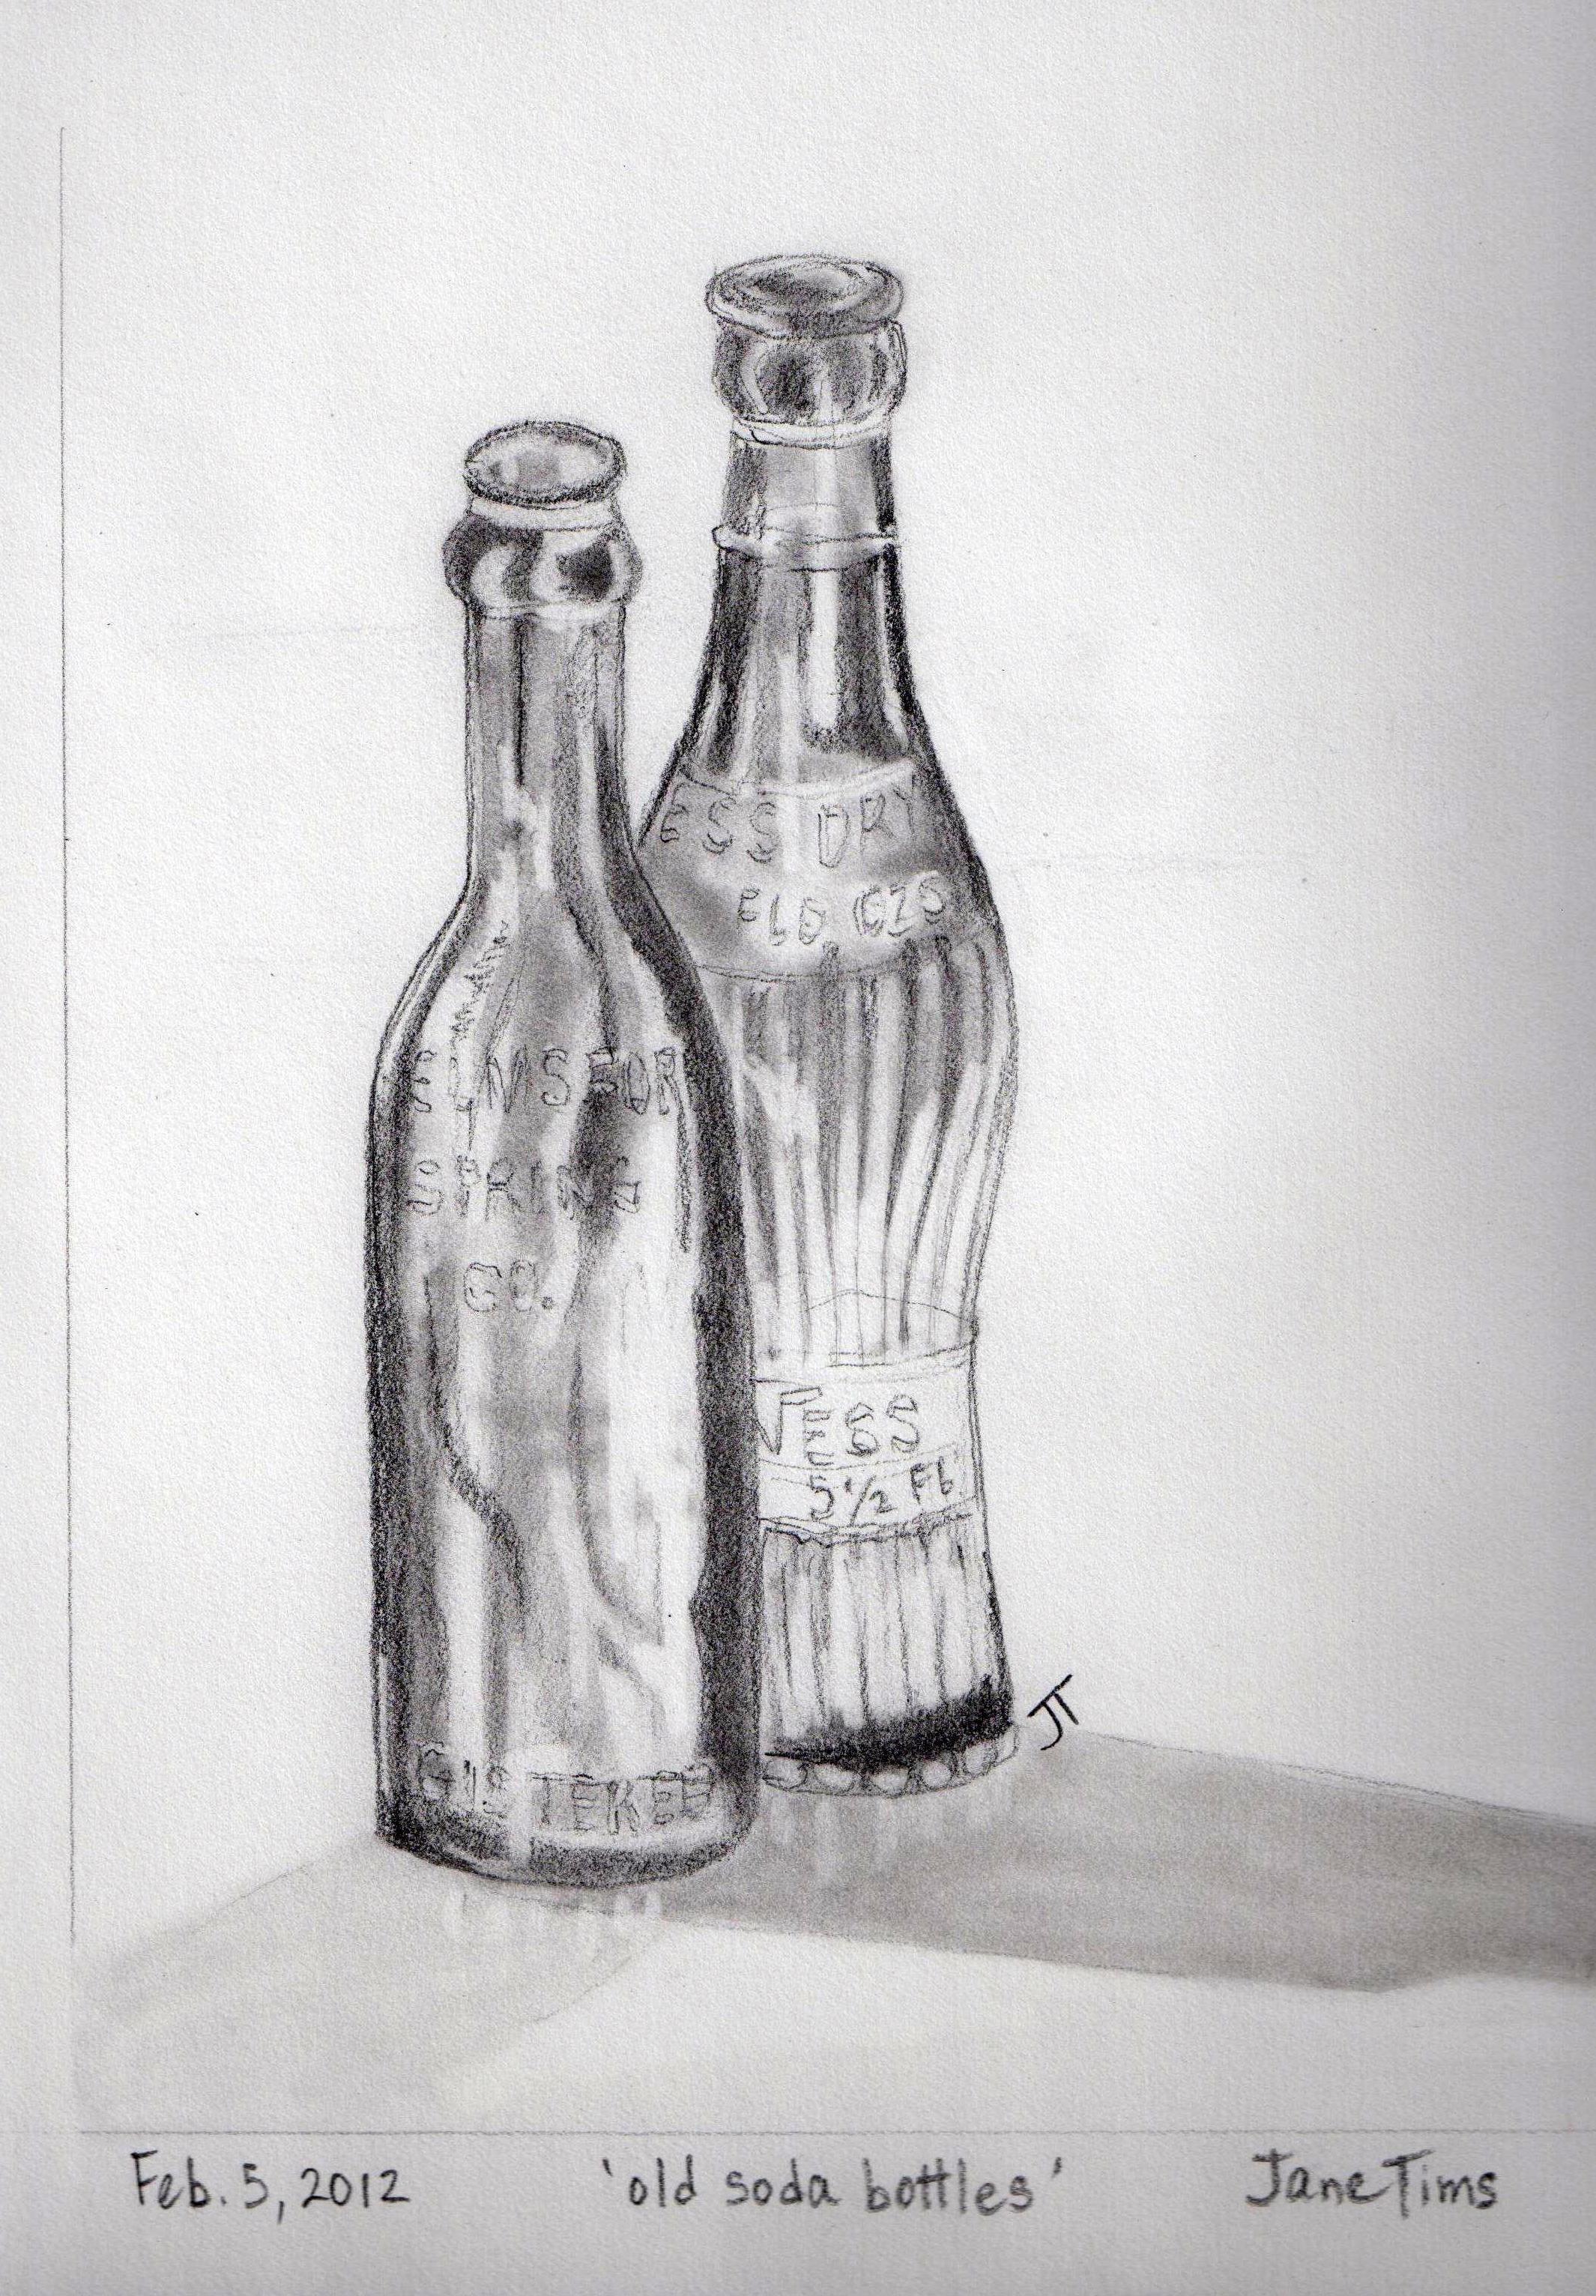 old pop bottles cropped